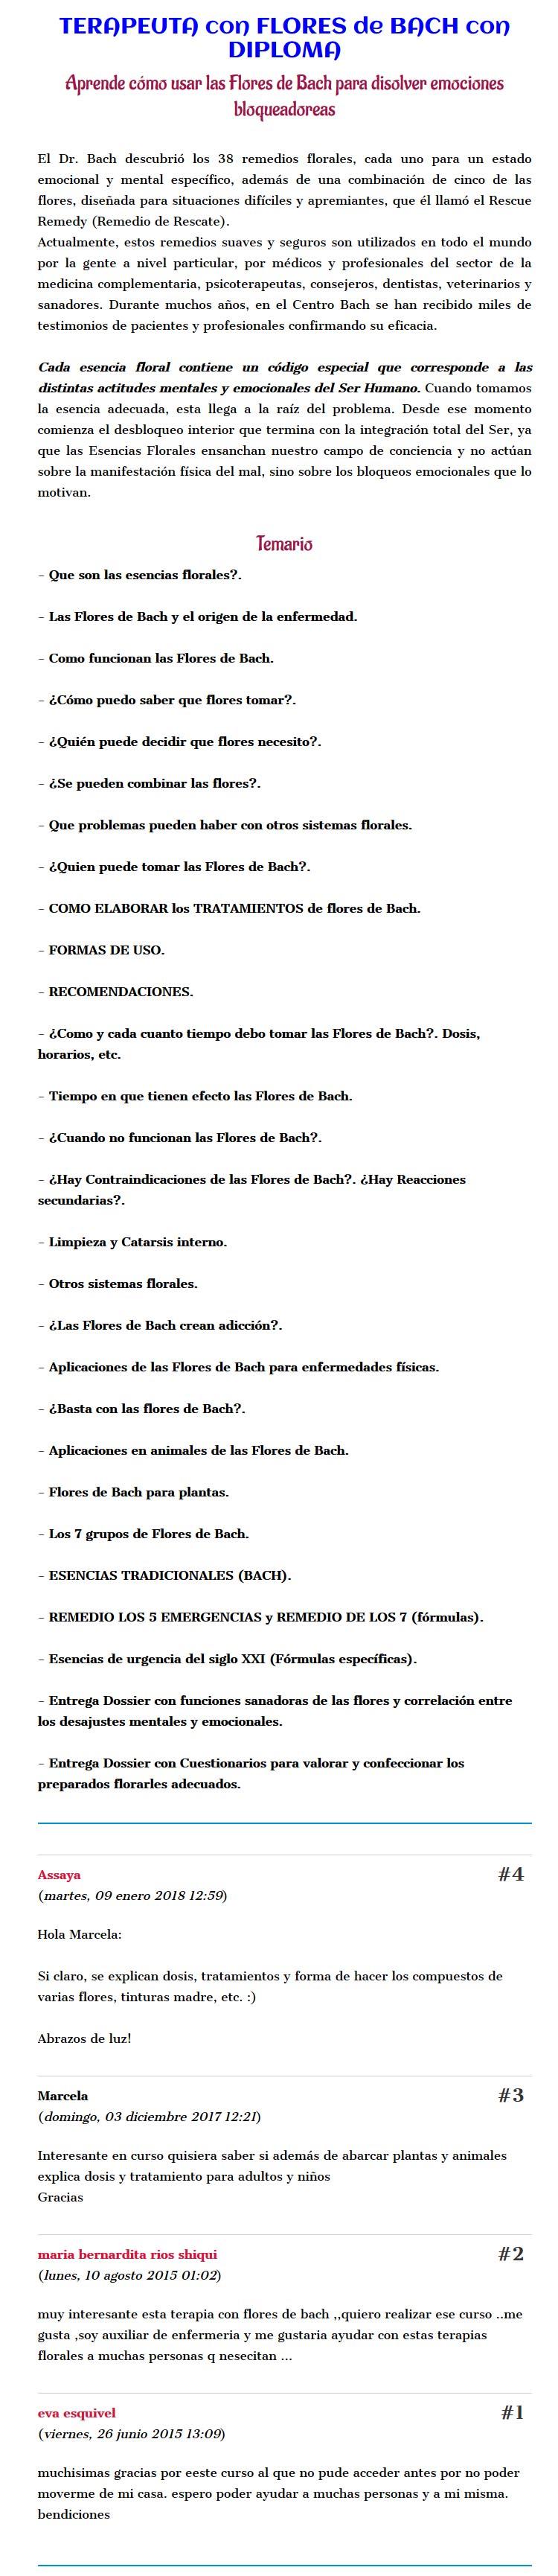 Terapeuta con Flores de Bach - assaya